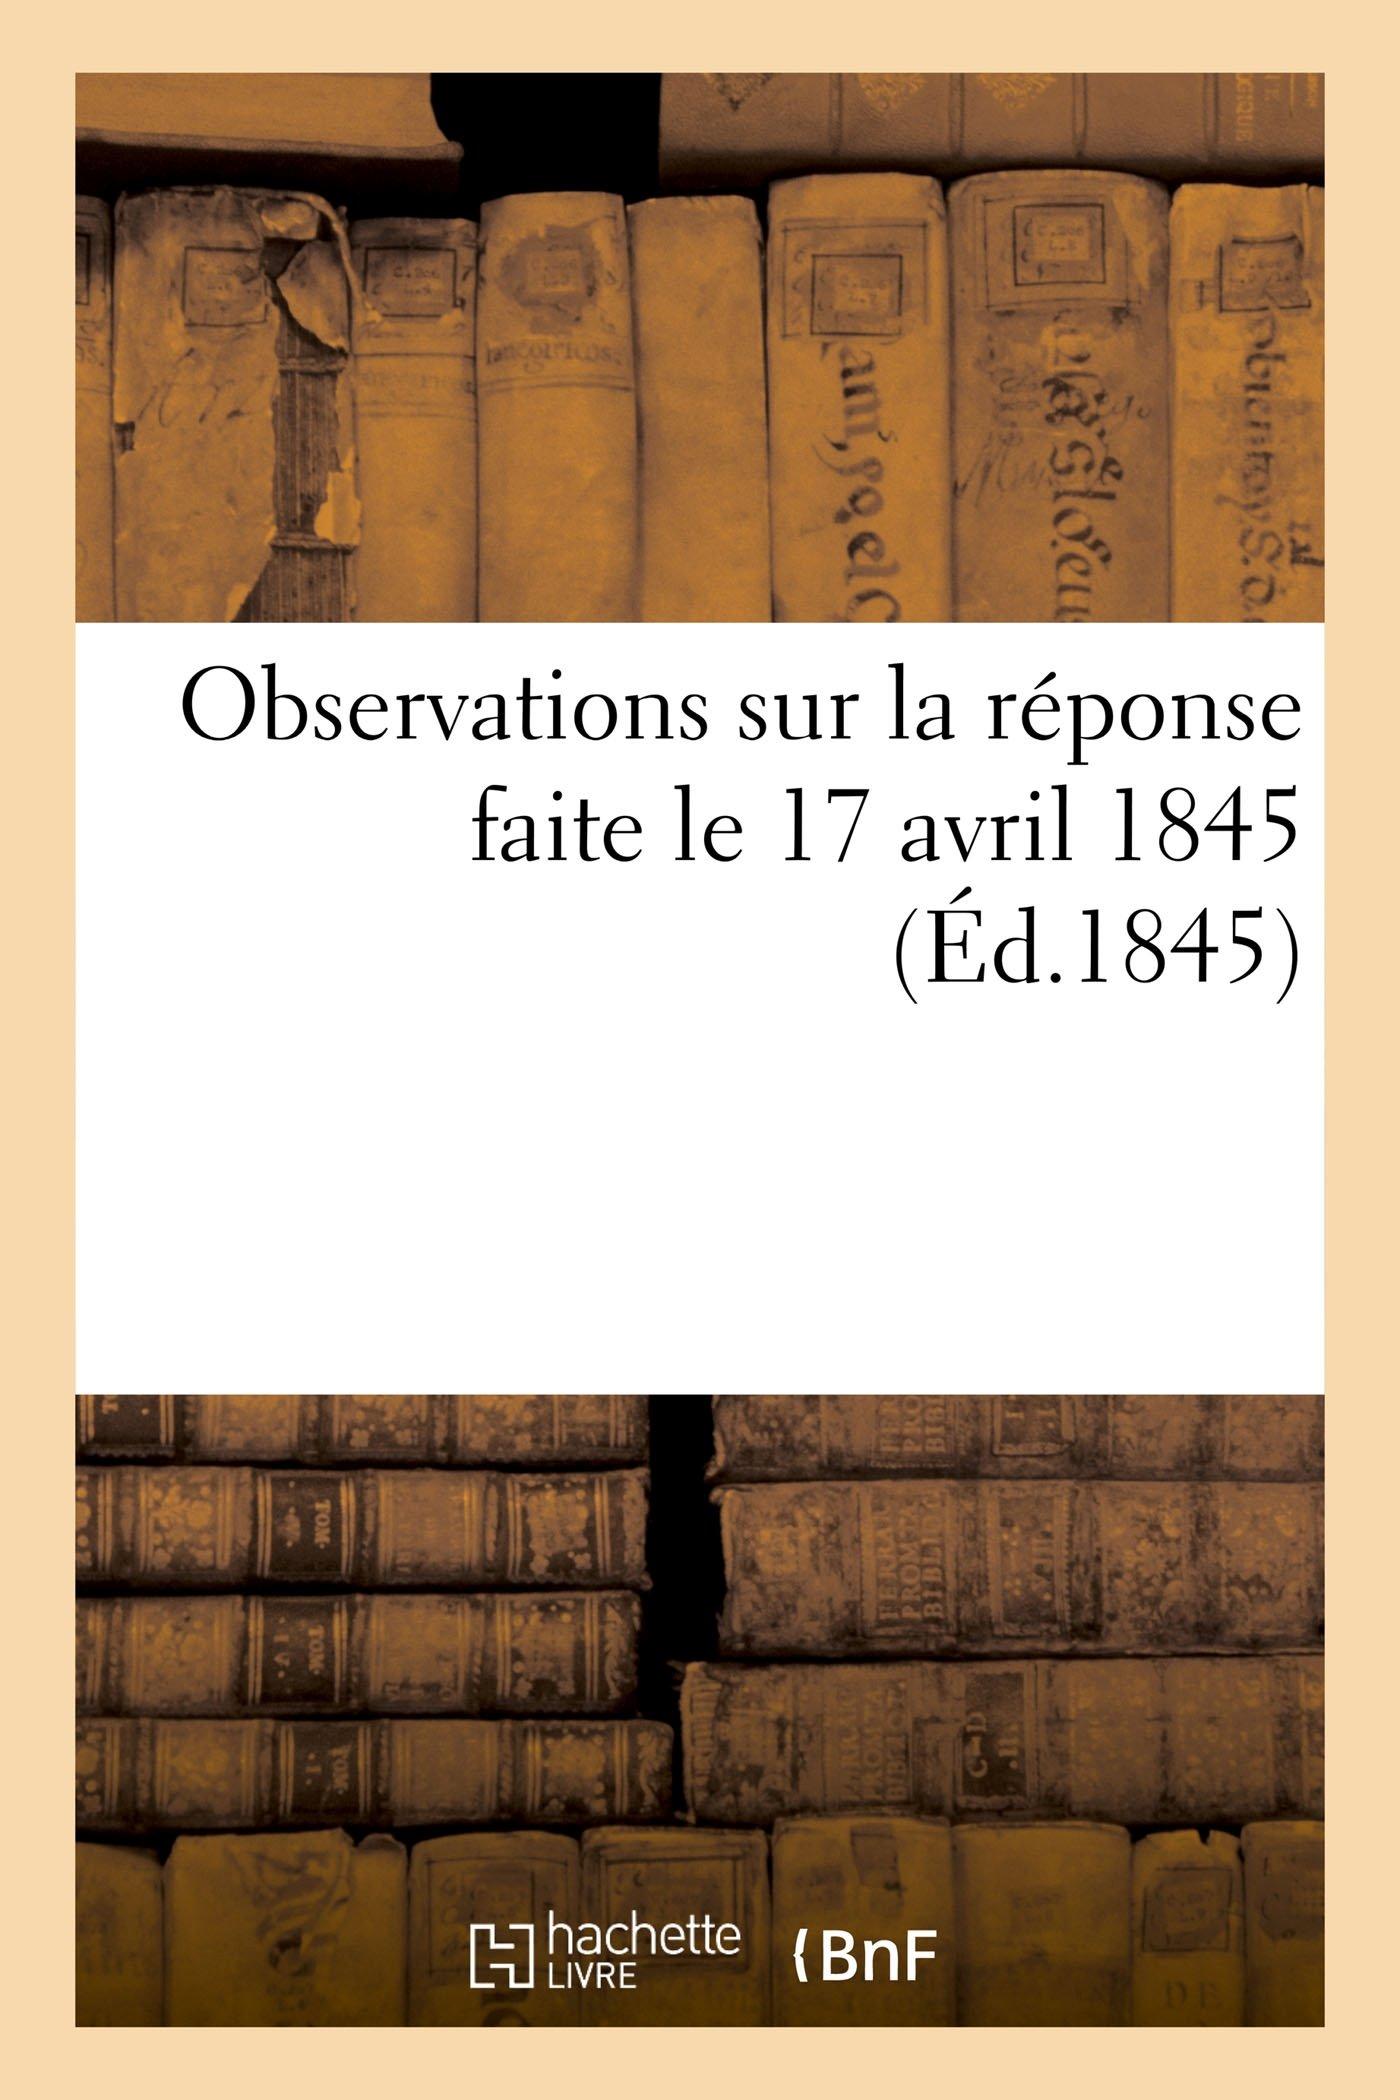 Observations Sur La Réponse Faite Le 17 Avril 1845, Par M. Le Maréchal Ministre de la Guerre (Histoire) (French Edition) ebook